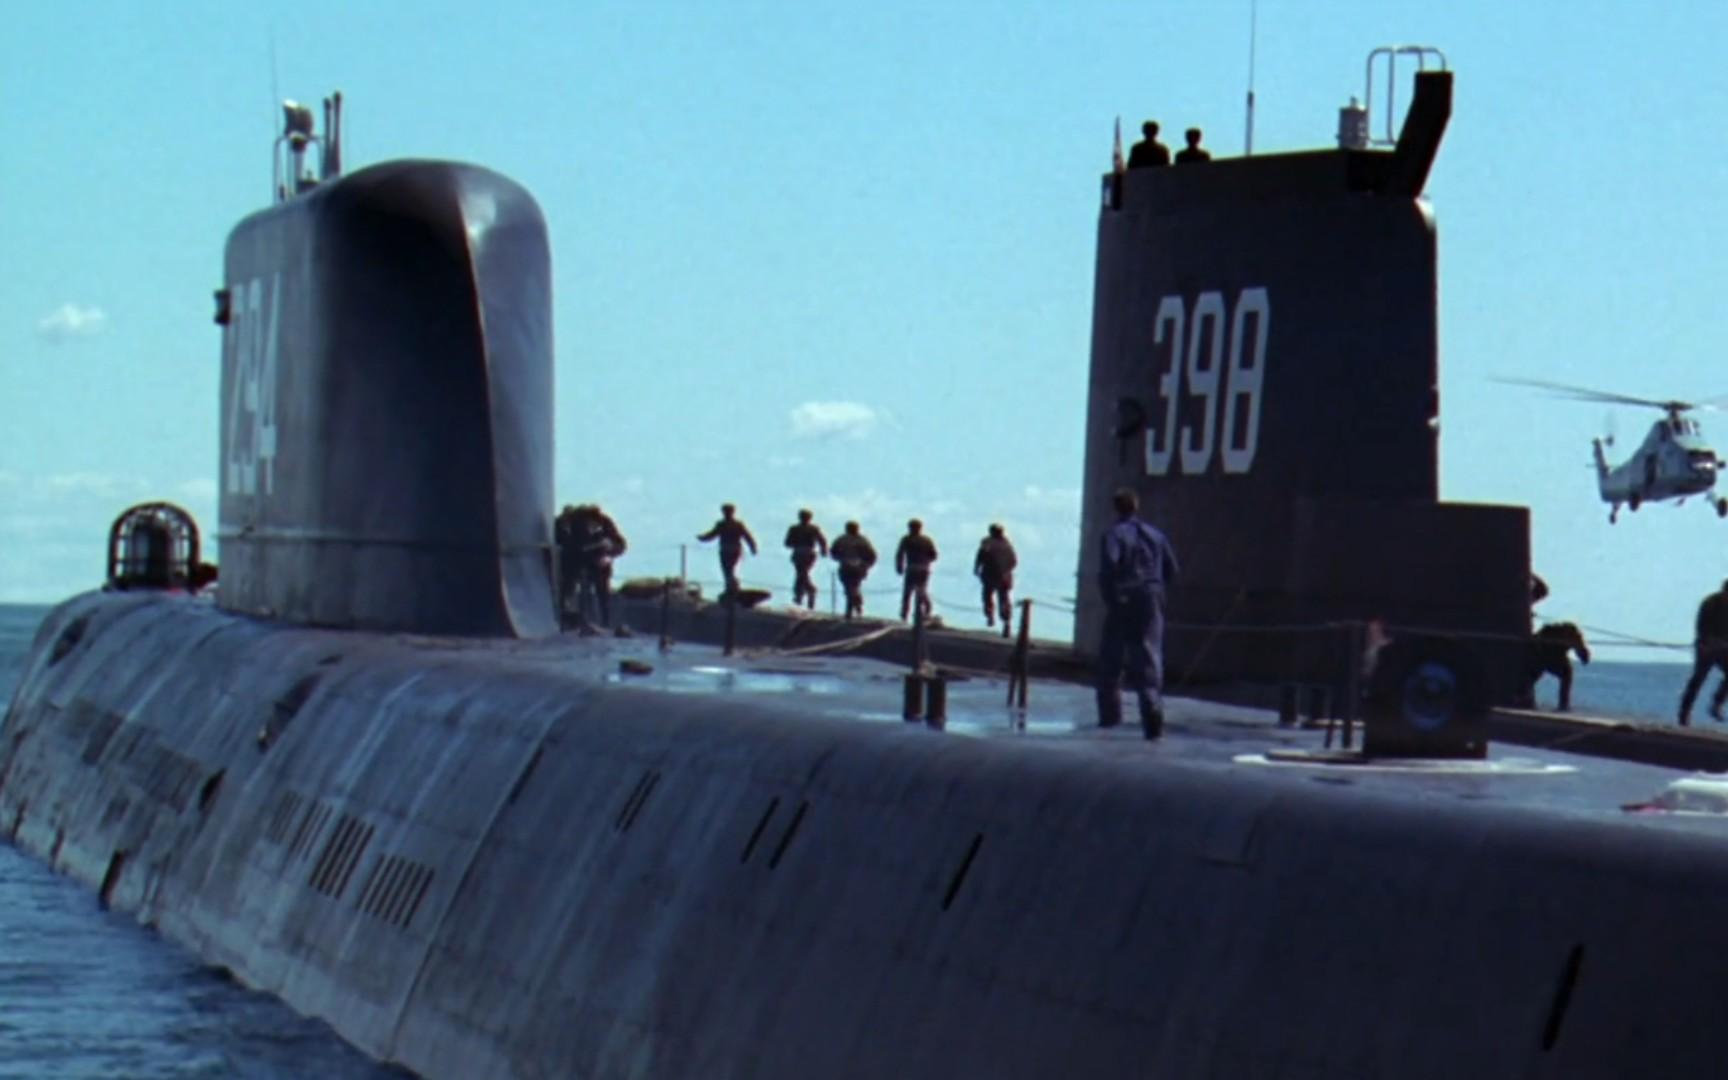 苏联第一艘核潜艇,发生泄漏后,差点引爆整个核反应堆(1)